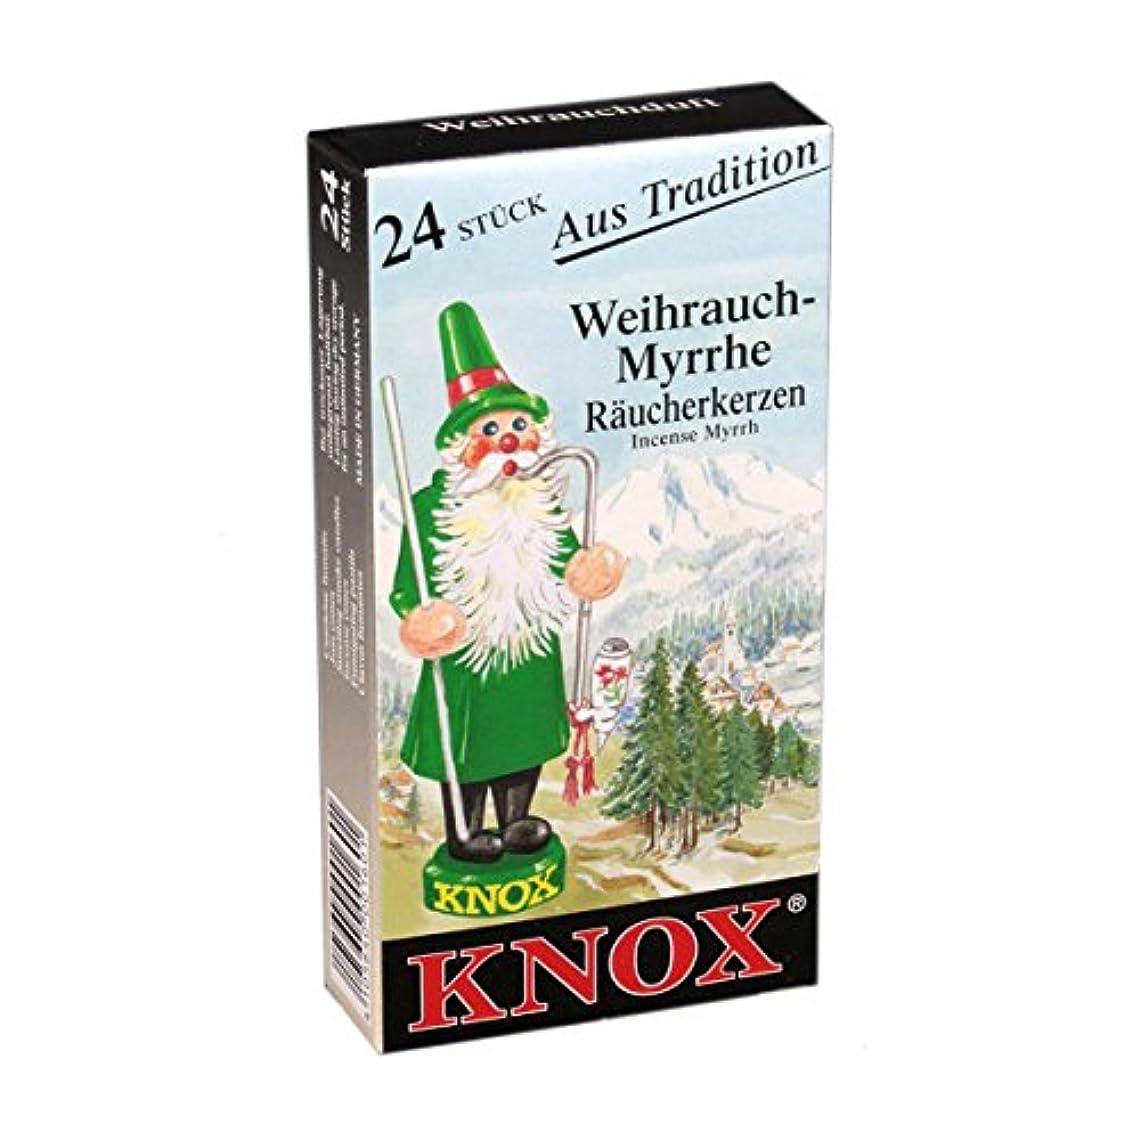 出版牧草地味Knox ドイツ製円錐香 ブラック 69 013120